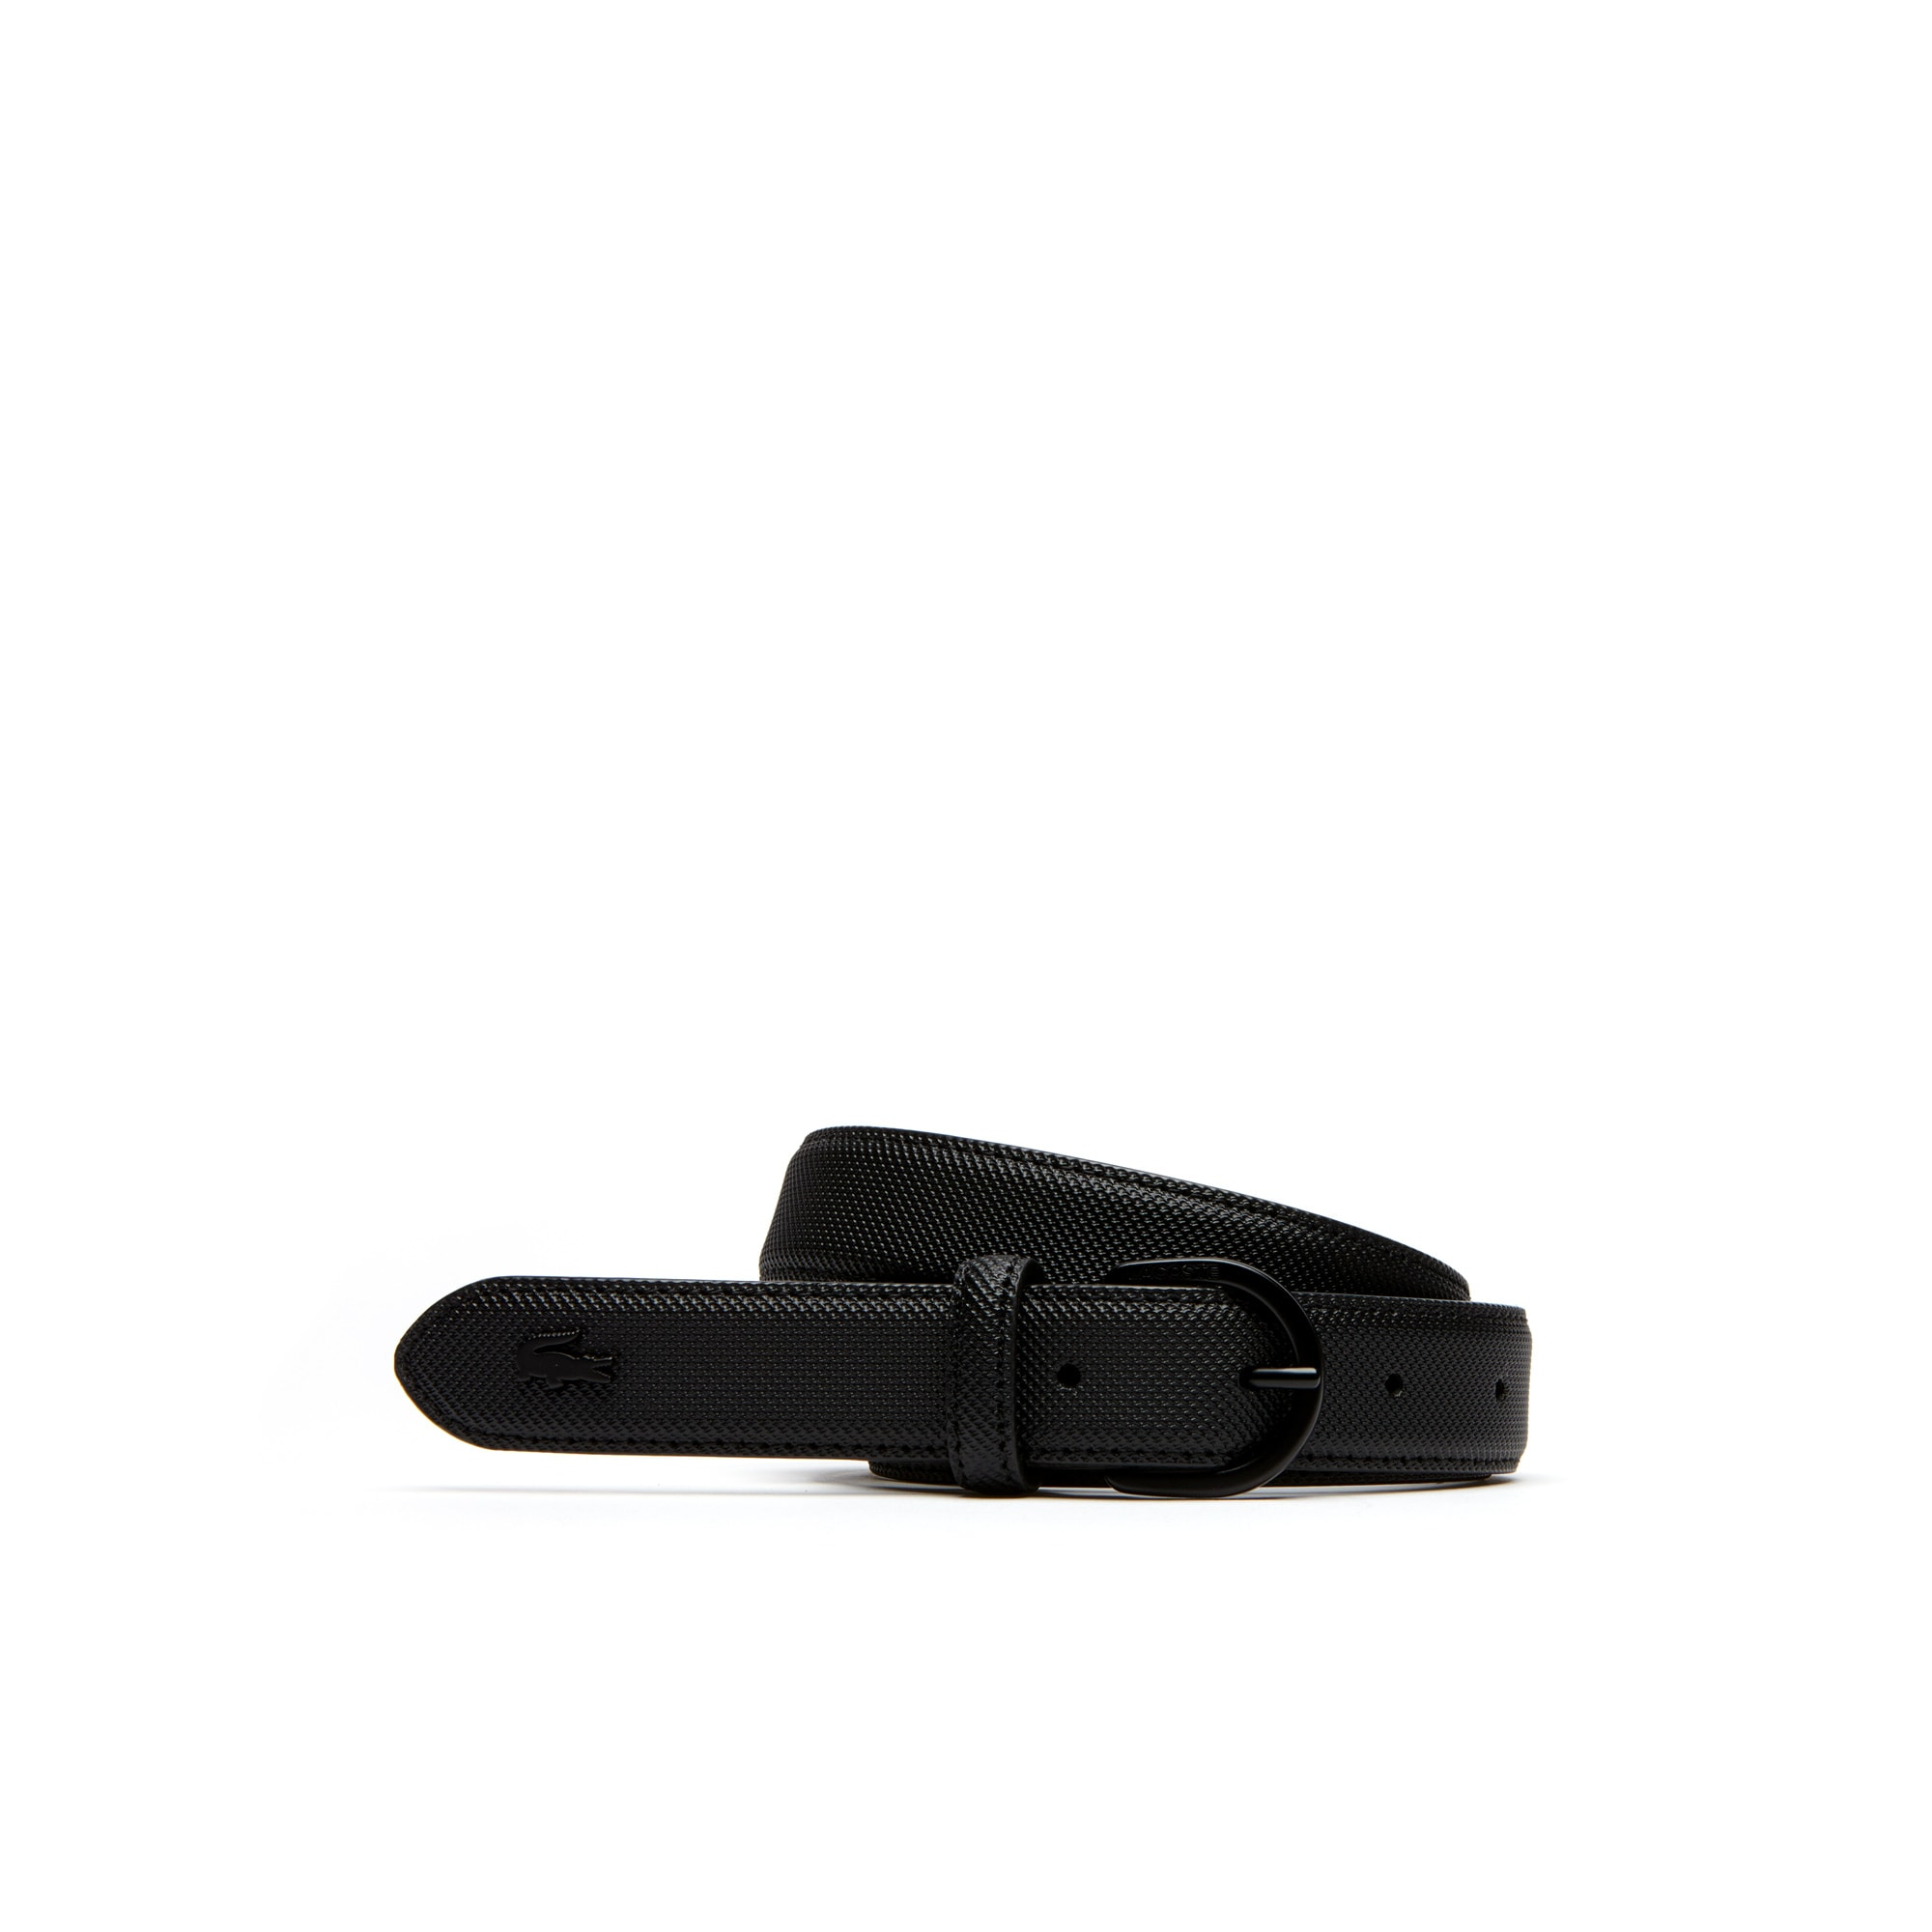 Women's L.12.12 Concept Monochrome Fine Piqué Belt With Tongue Buckle